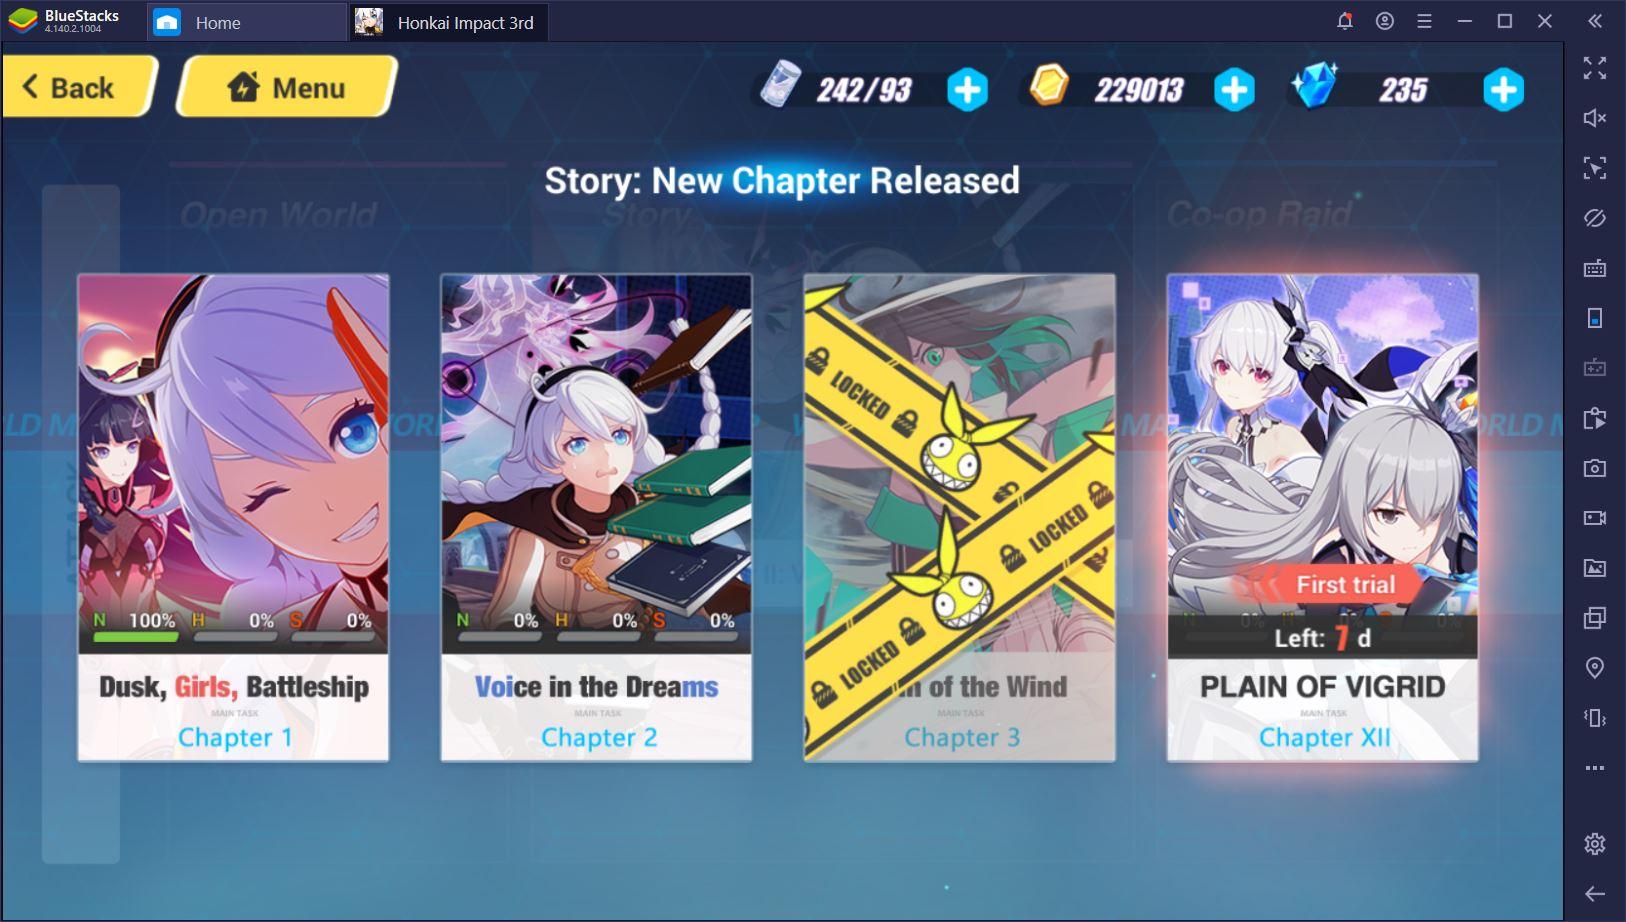 PC'de Honkai Impact 3rd - F2P Oyuncuları İçin İpuçları ve Püf Noktaları